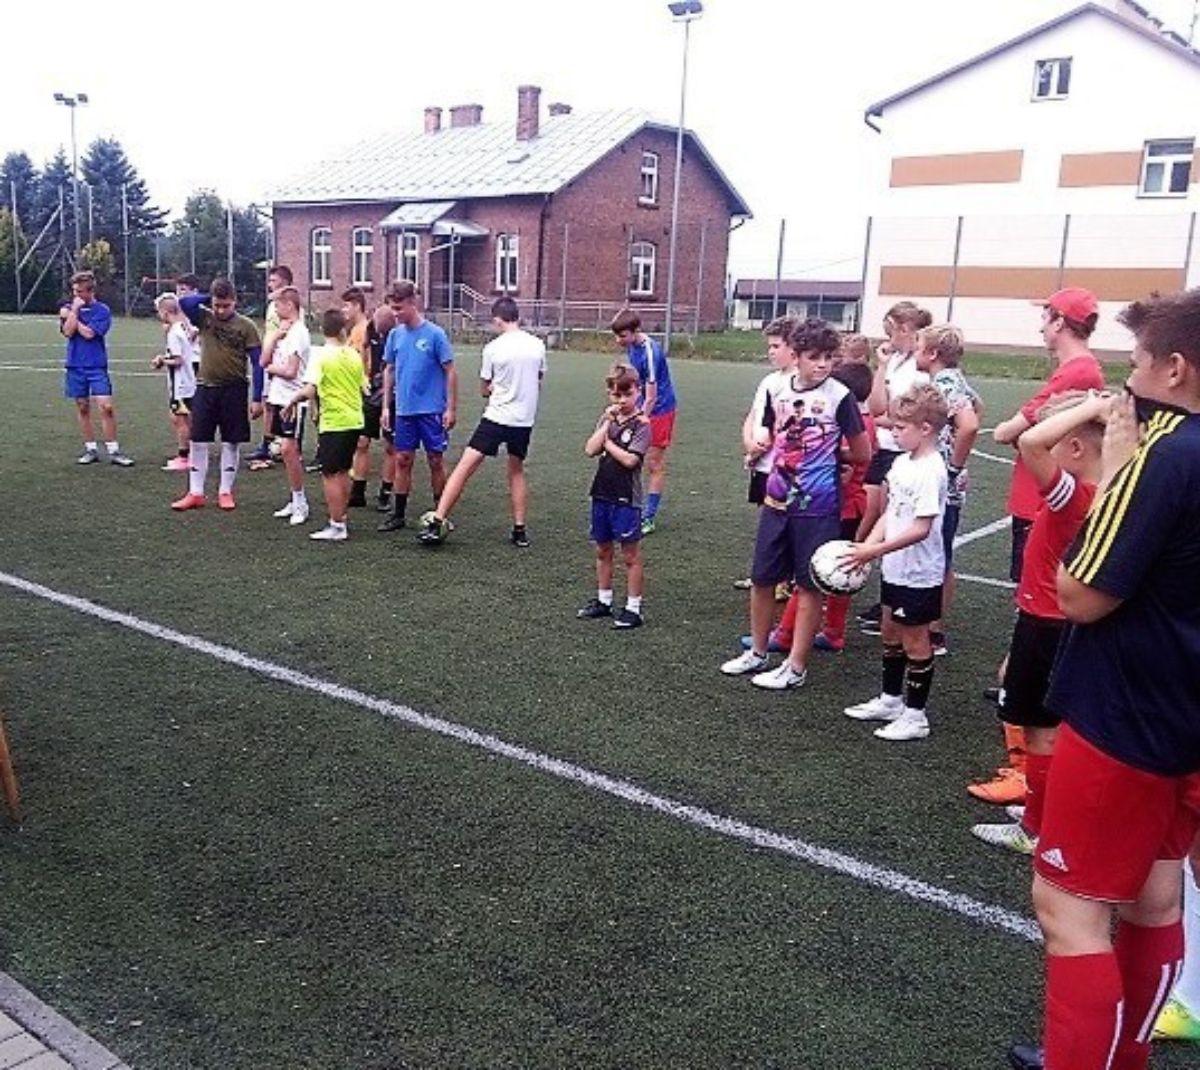 Turniej Piłki Nożnej 10+ - Zdjęcie główne